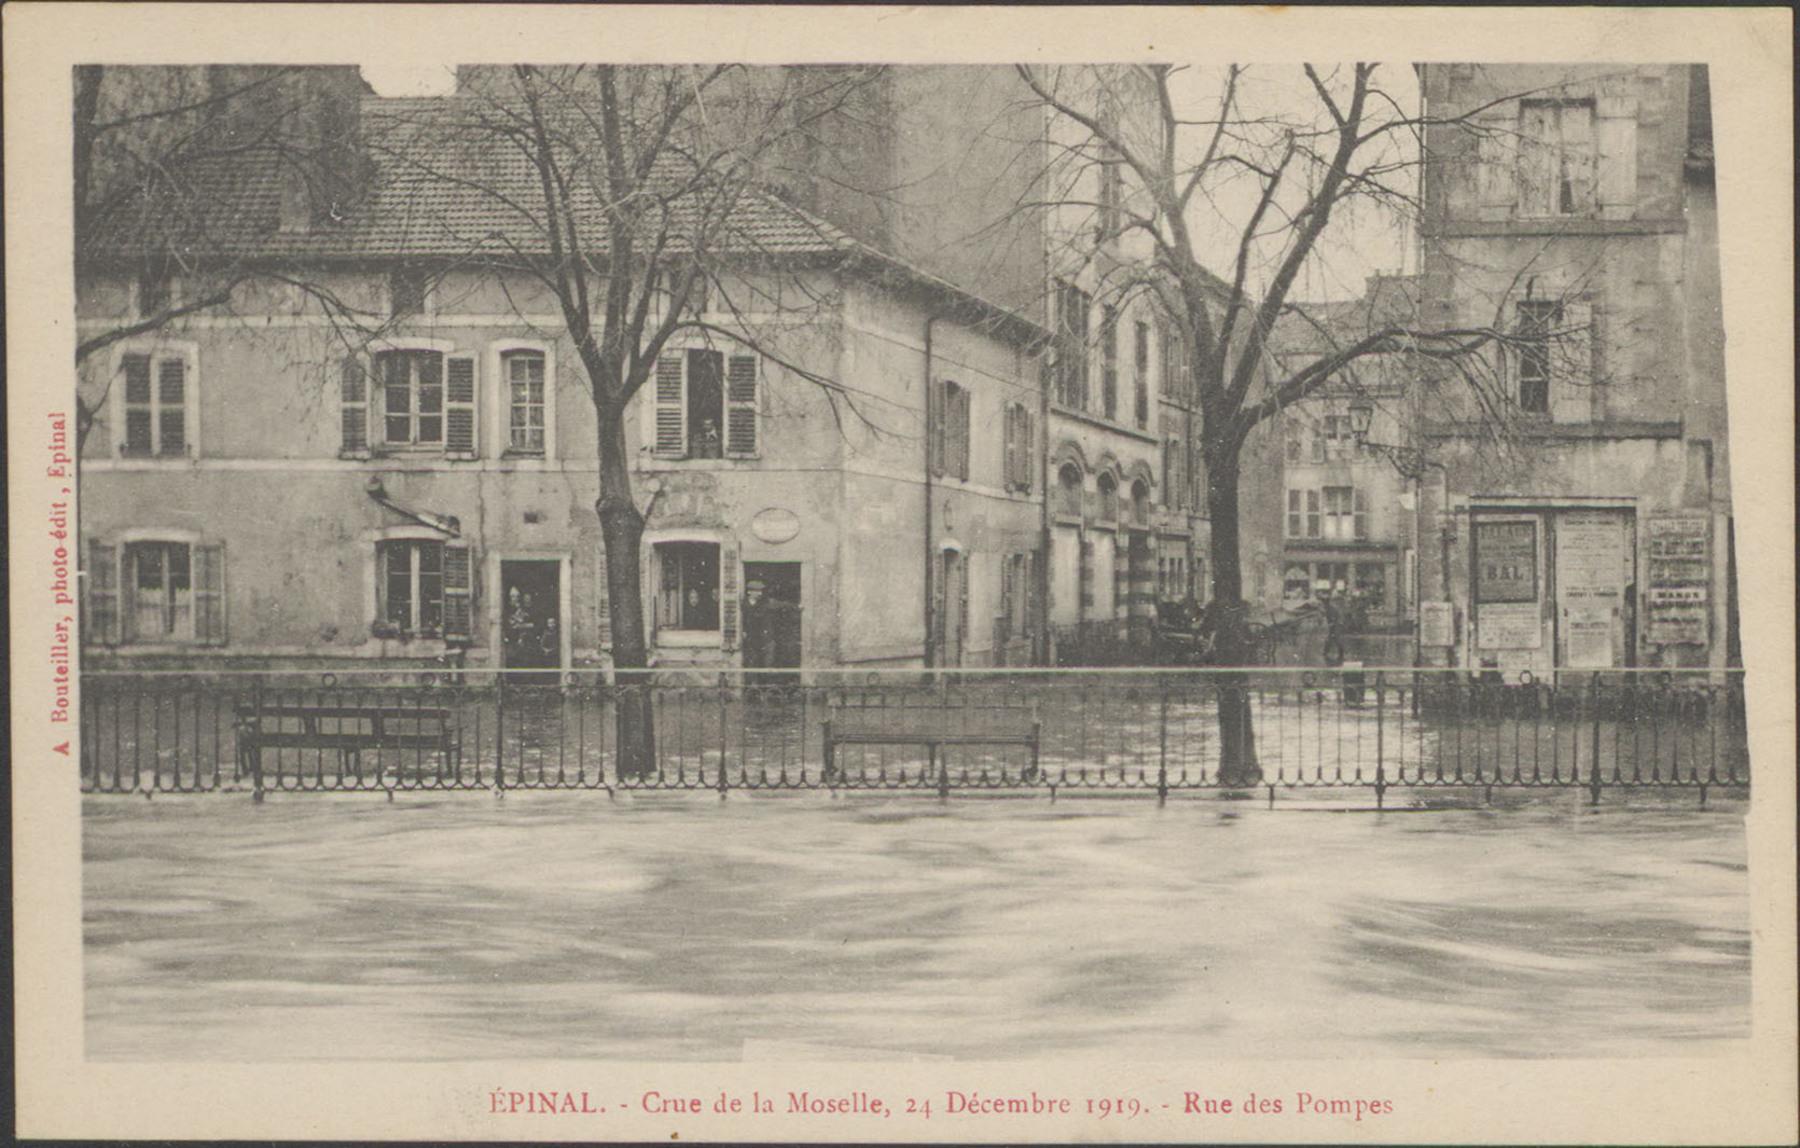 Contenu du Épinal, Crue de la Moselle, 24 décembre 1919, Rue des Pompes